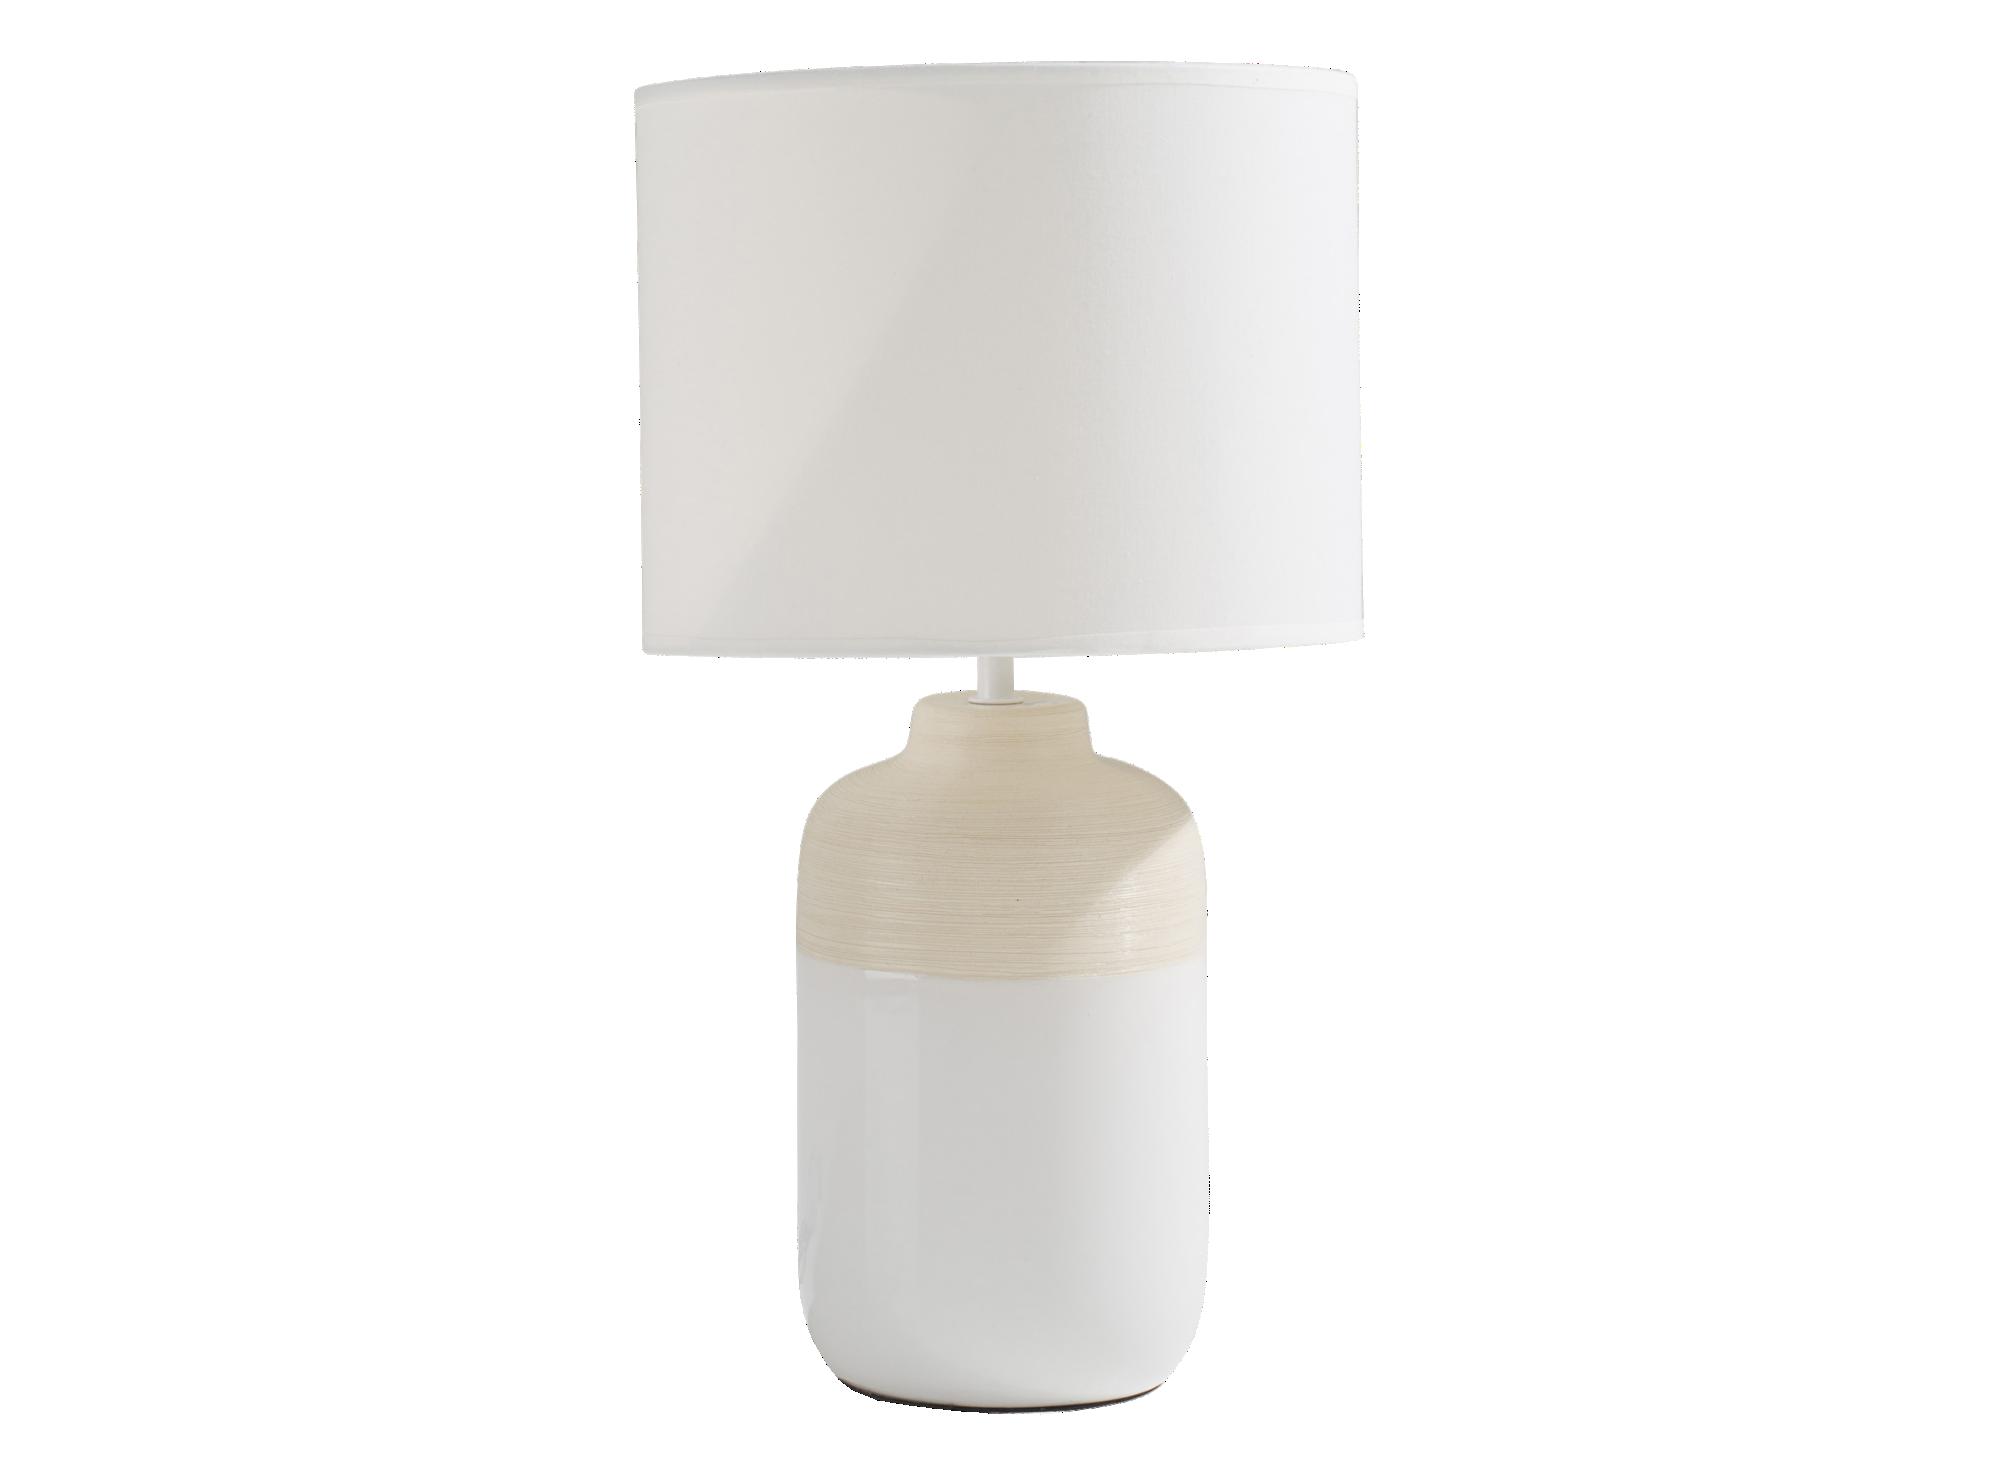 Lampe h47cm abat jour dimensions 26x26x20cm, 100 % coton coloris ivoi ...